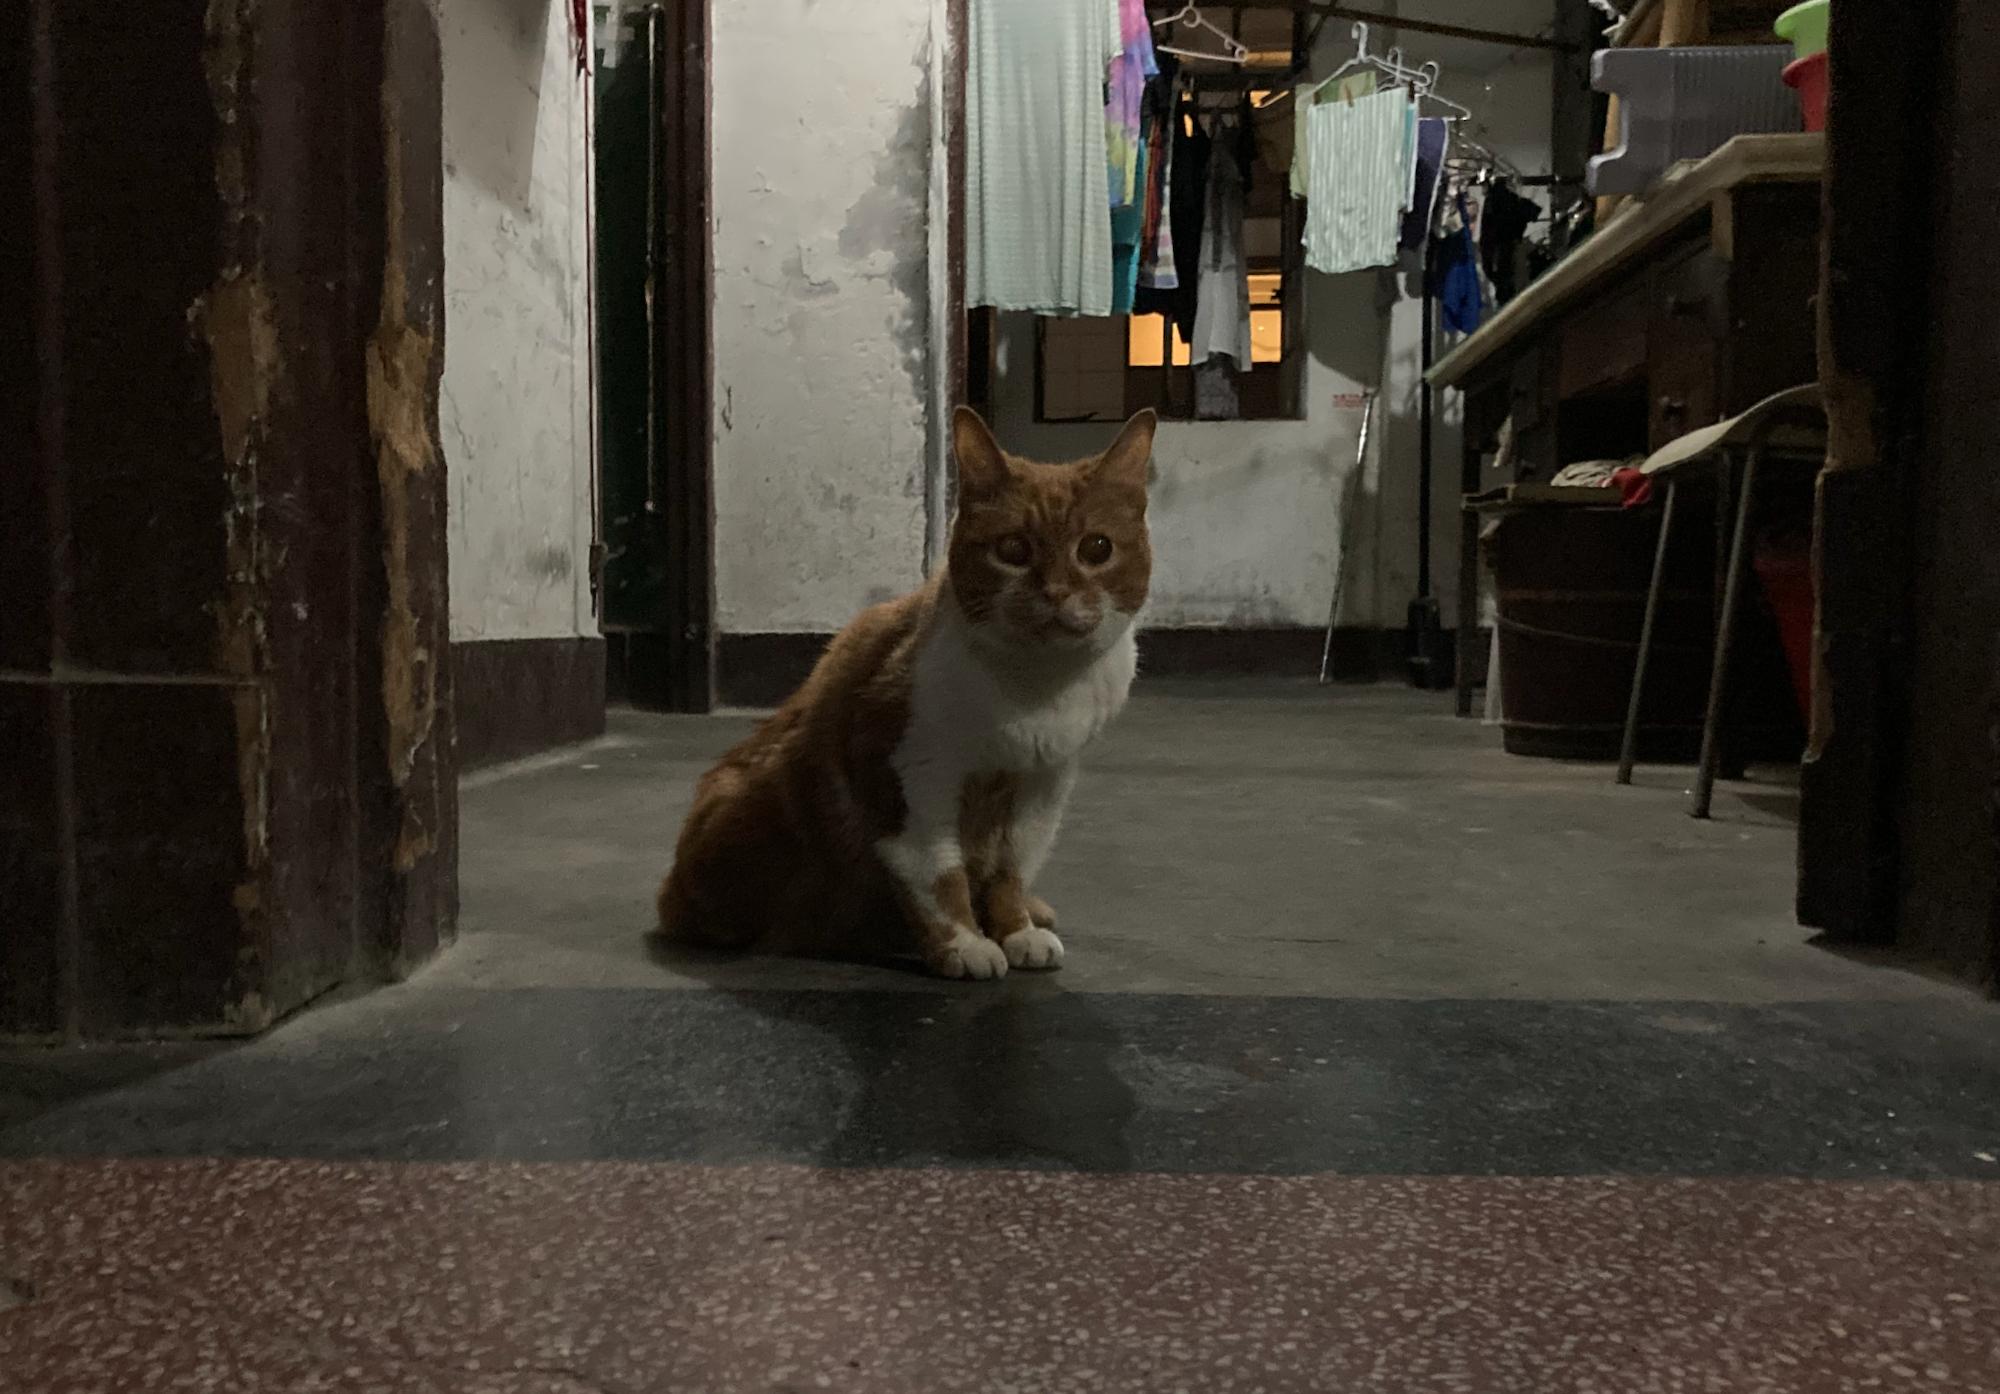 住在河滨大楼里的猫。 btr 图